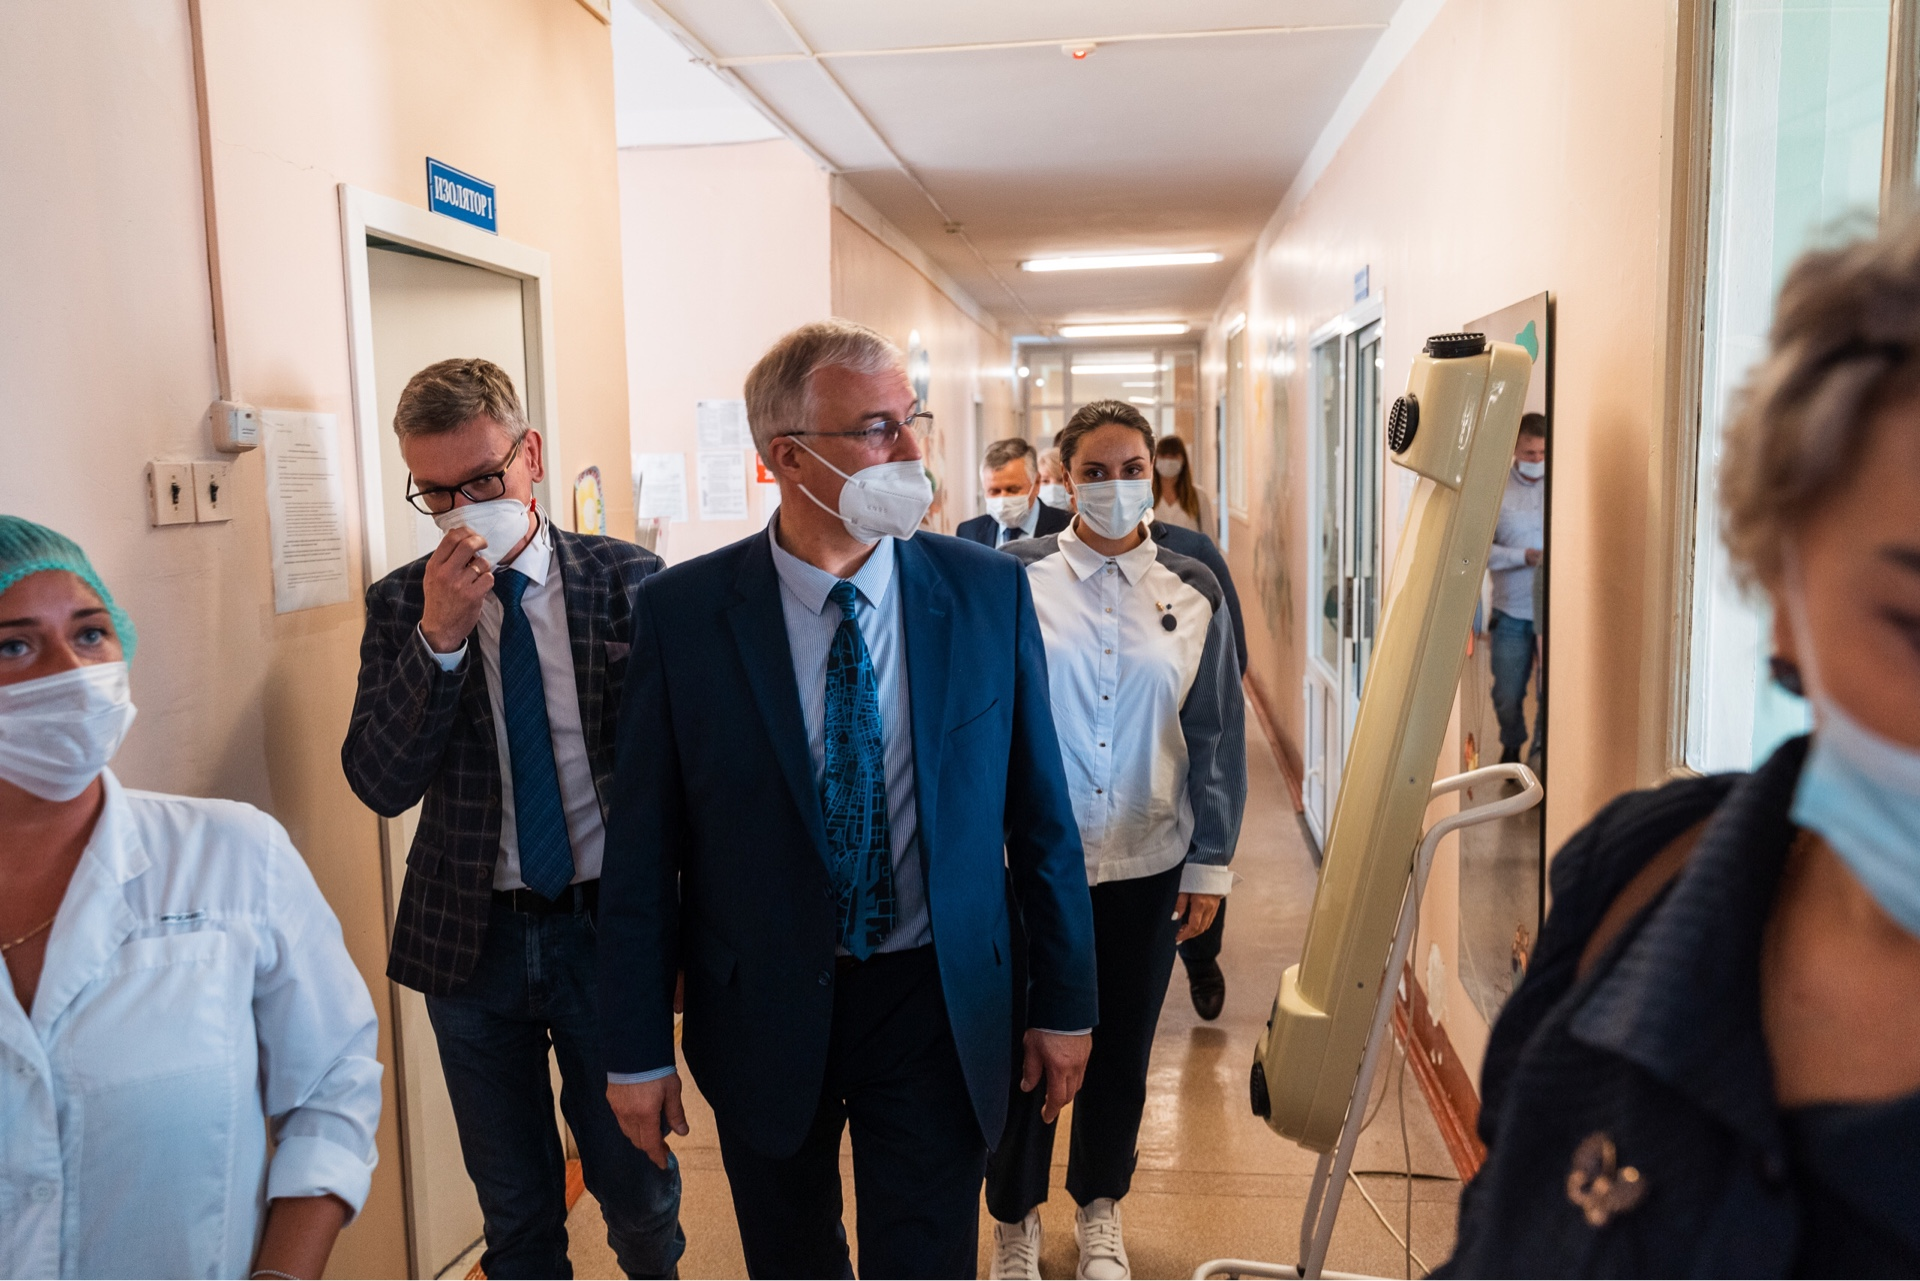 Что прописали министр здравоохранения Сергей Козлов и лидер тверских волонтеров Юлия Саранова конаковской медицине